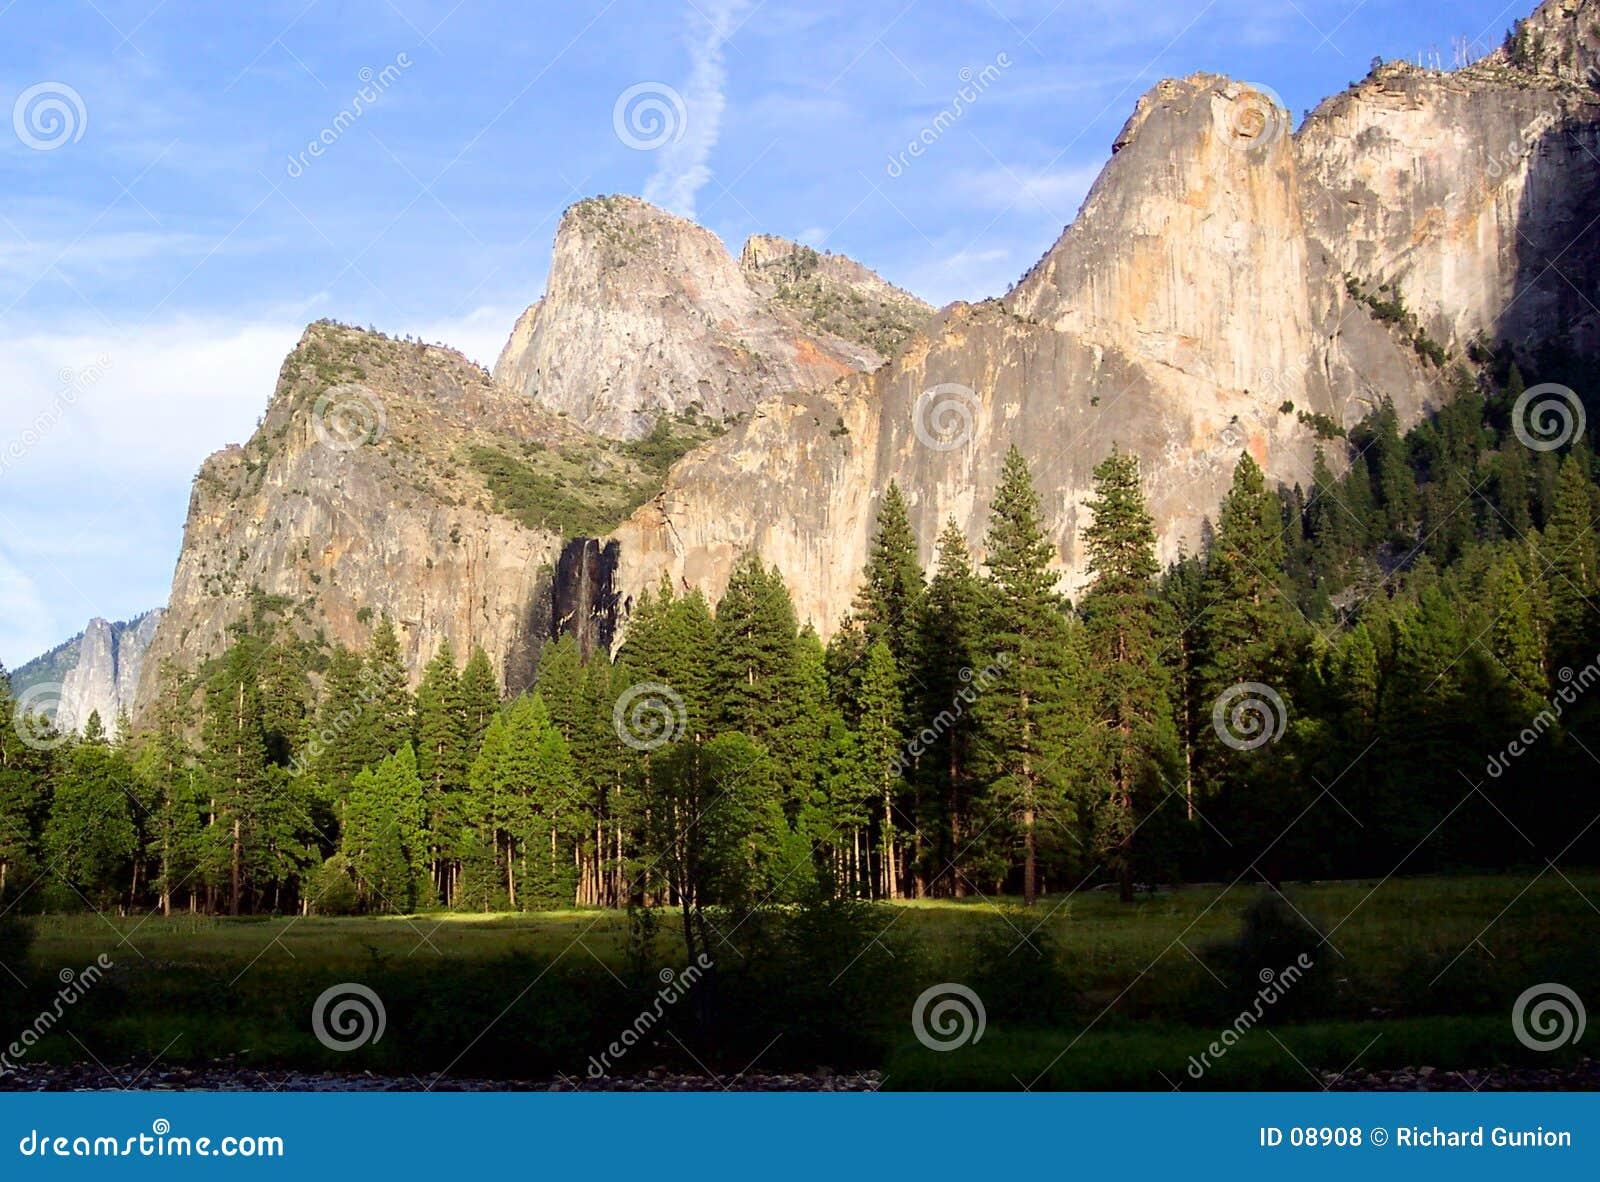 Cathedral Rocks-Yosemite